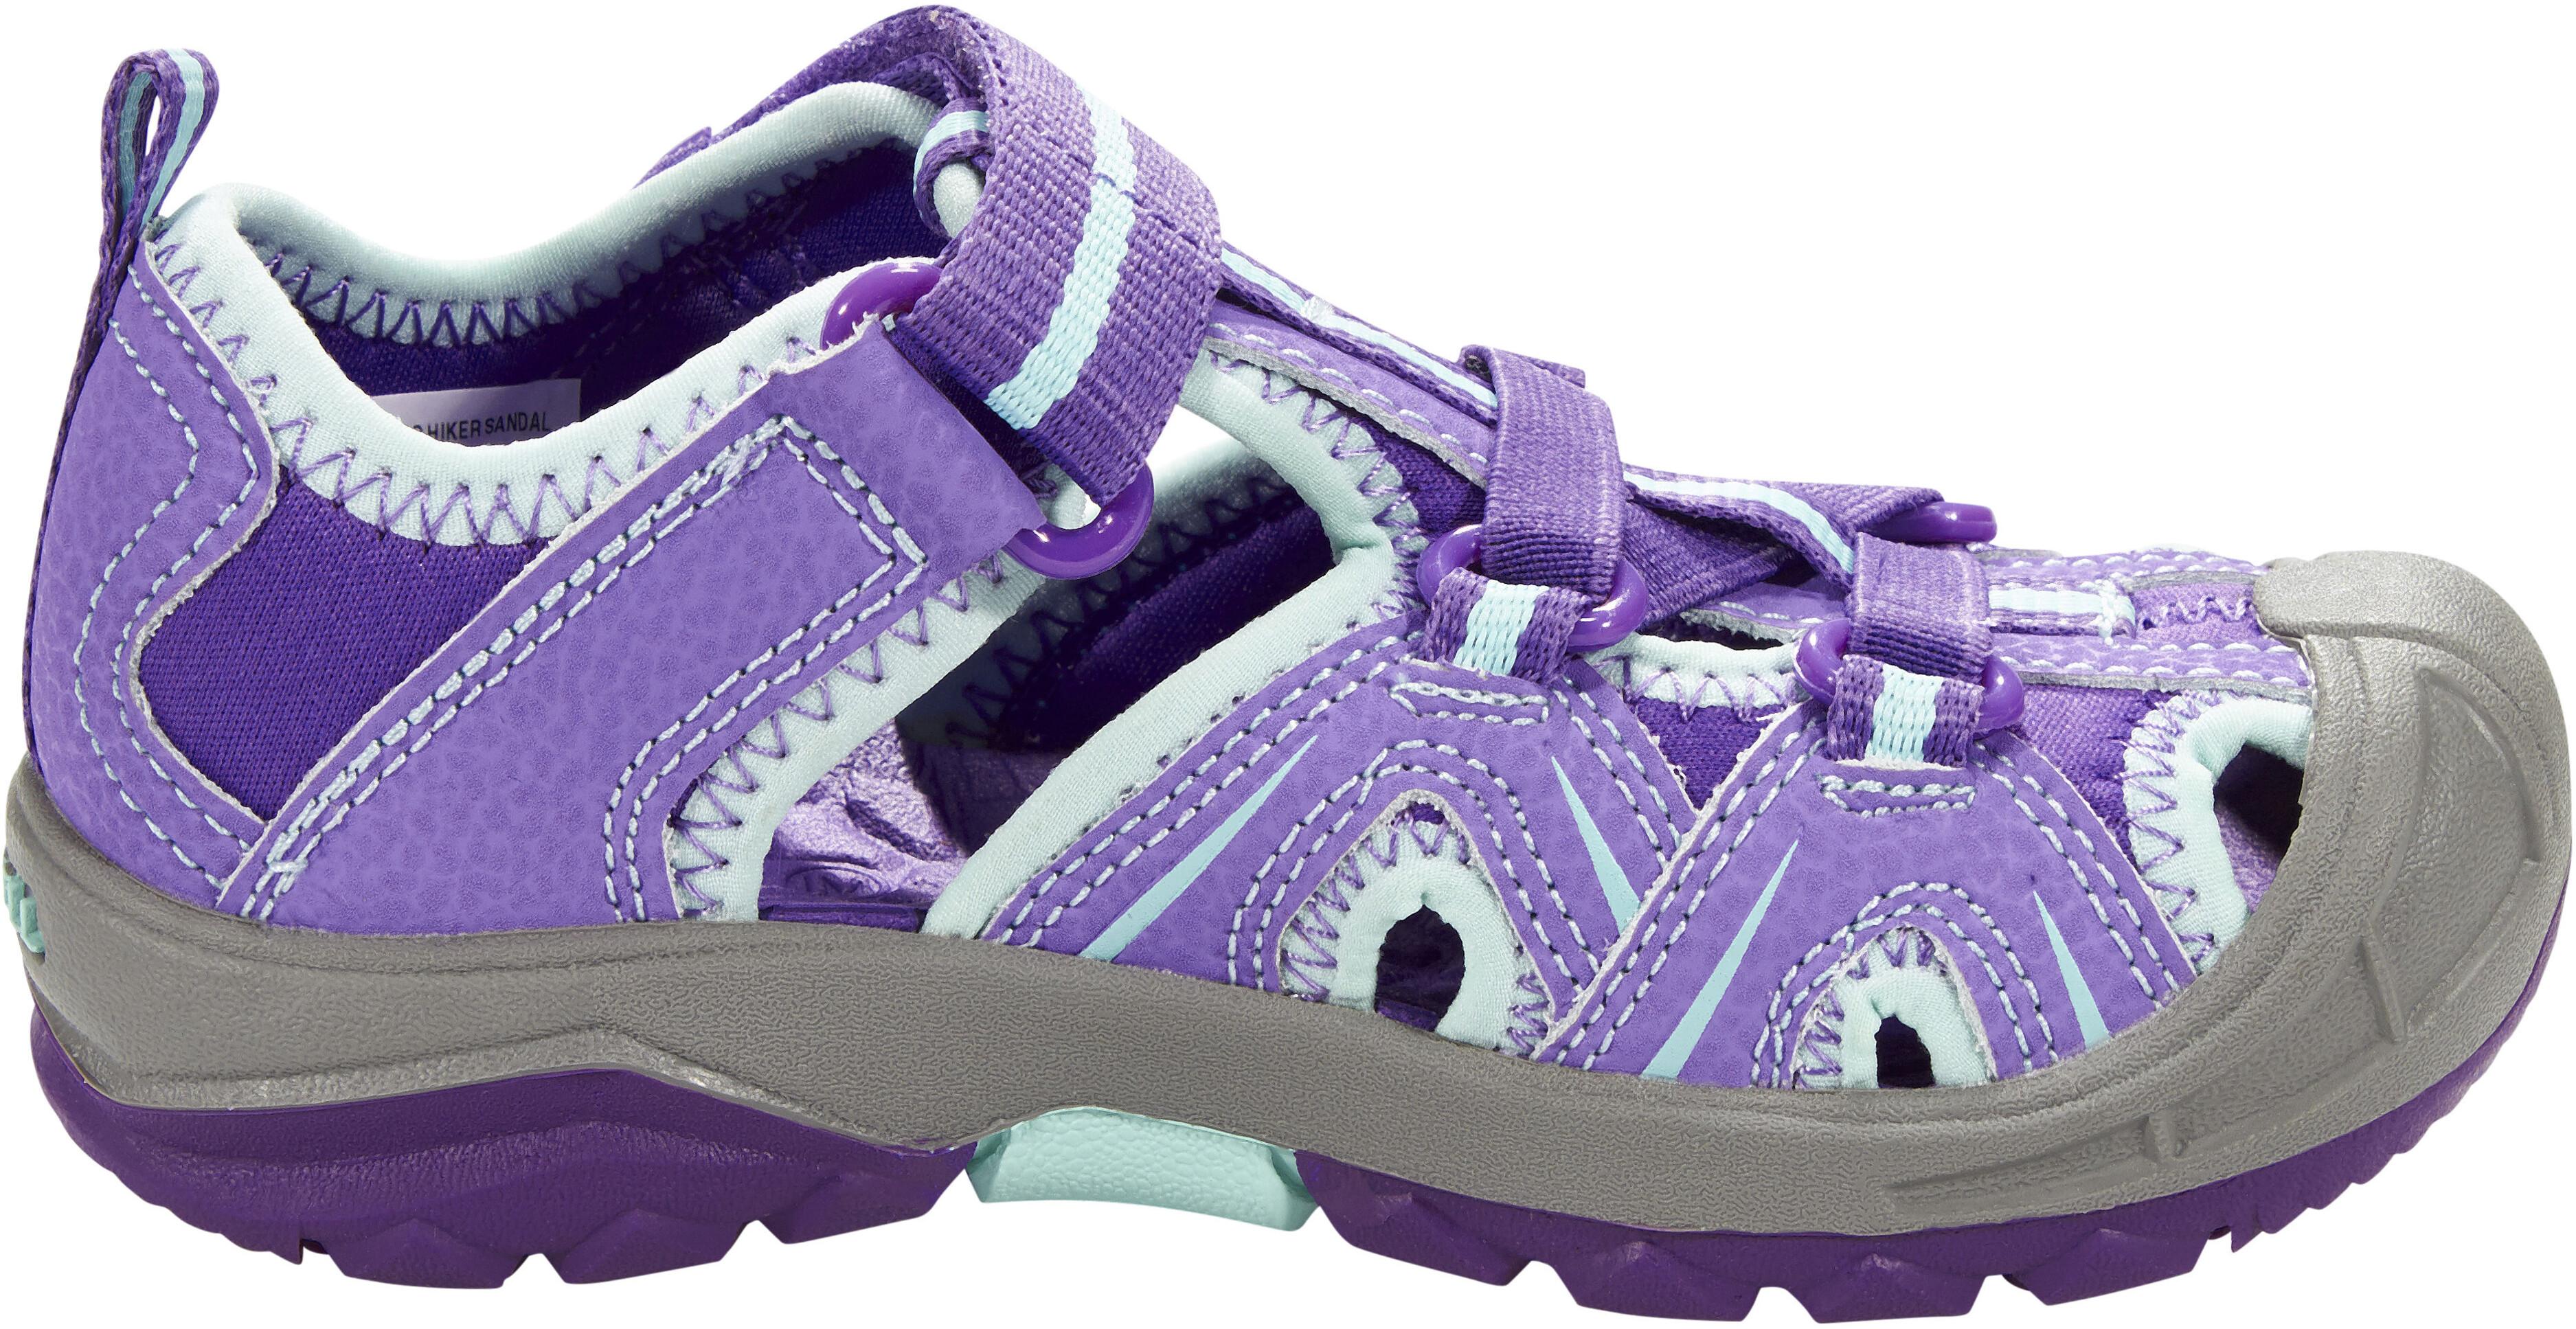 86bee50a0212 Merrell Hydro Hiker Sandaler Børn pink violet